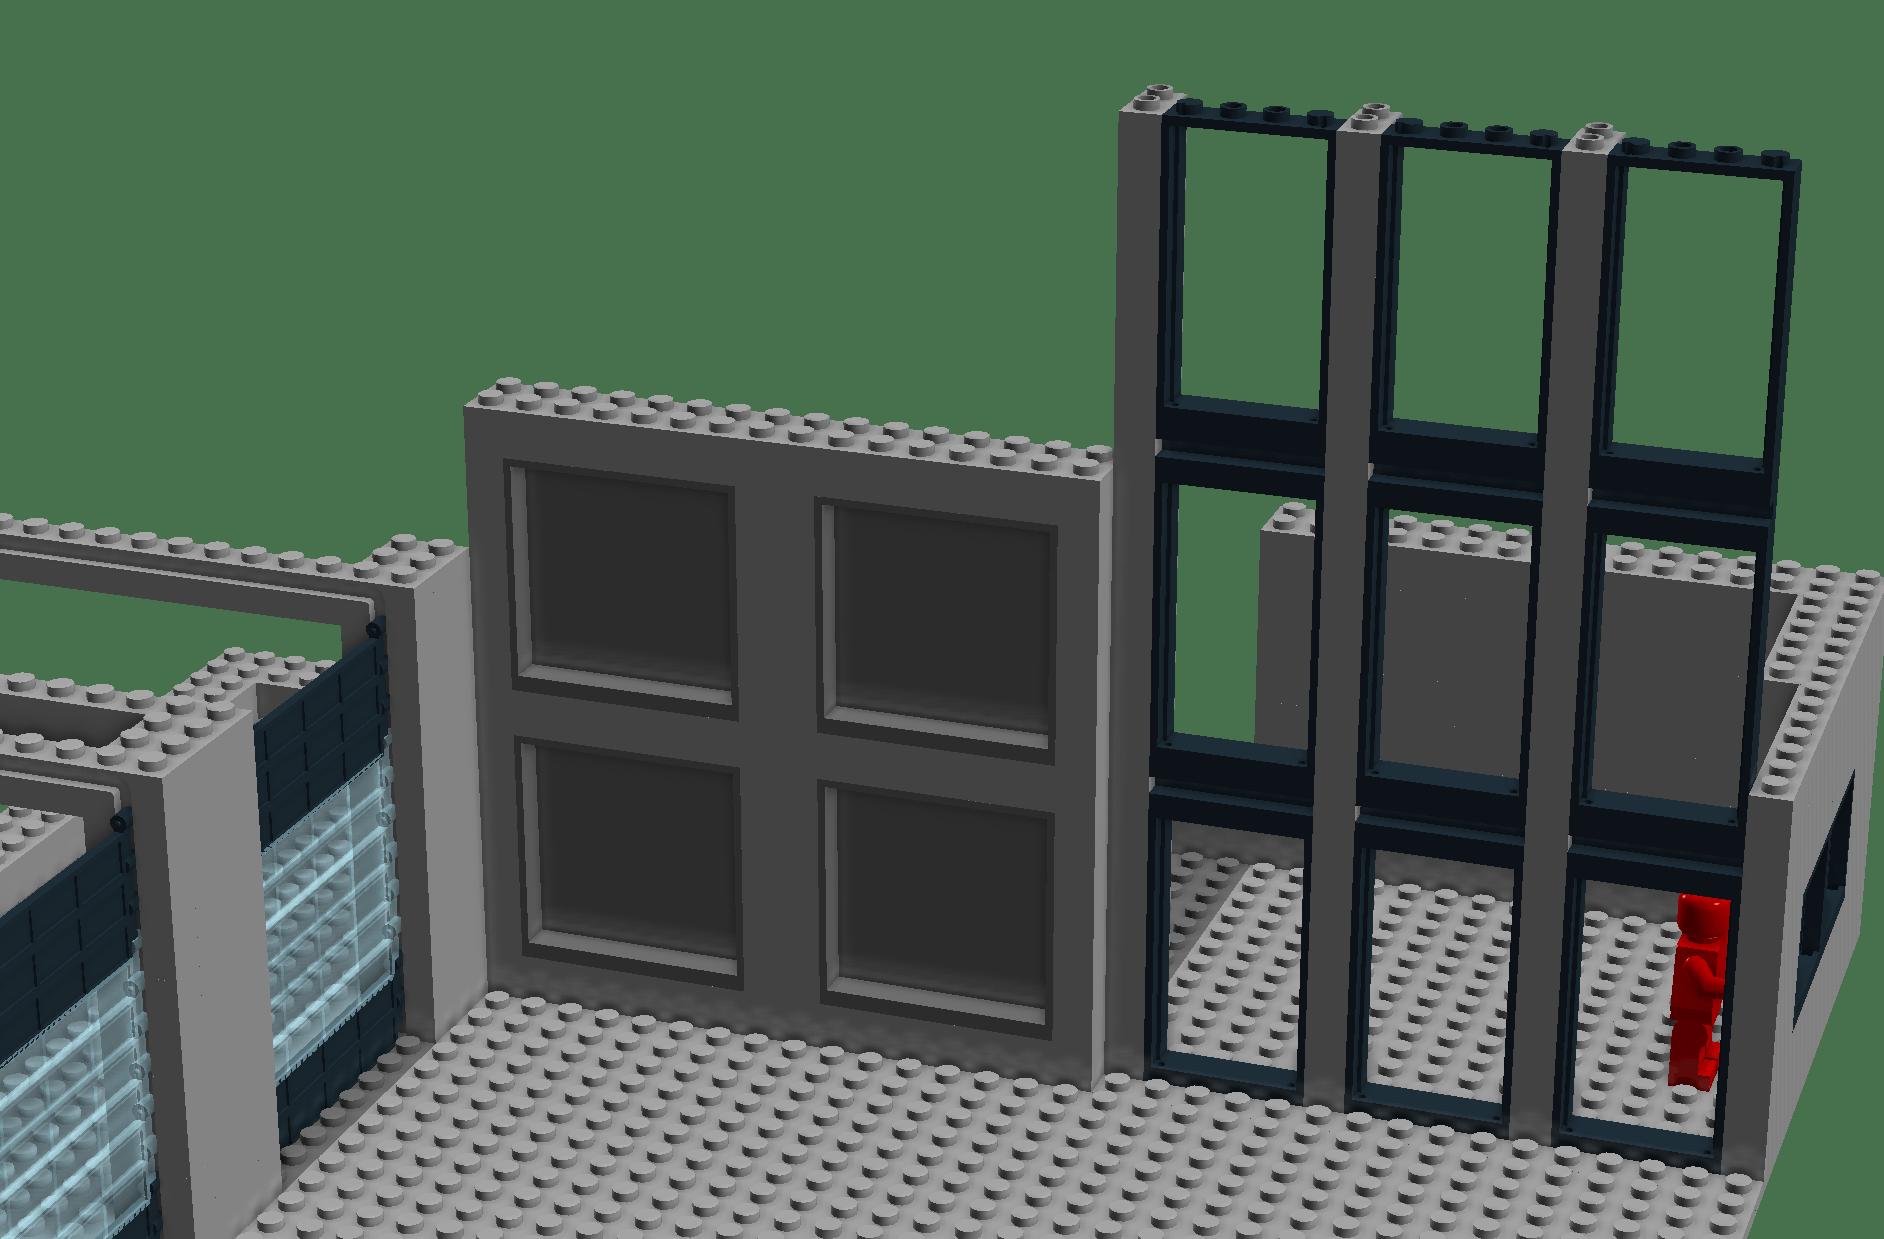 entrance facade of YOYO Global Freight in LEGO